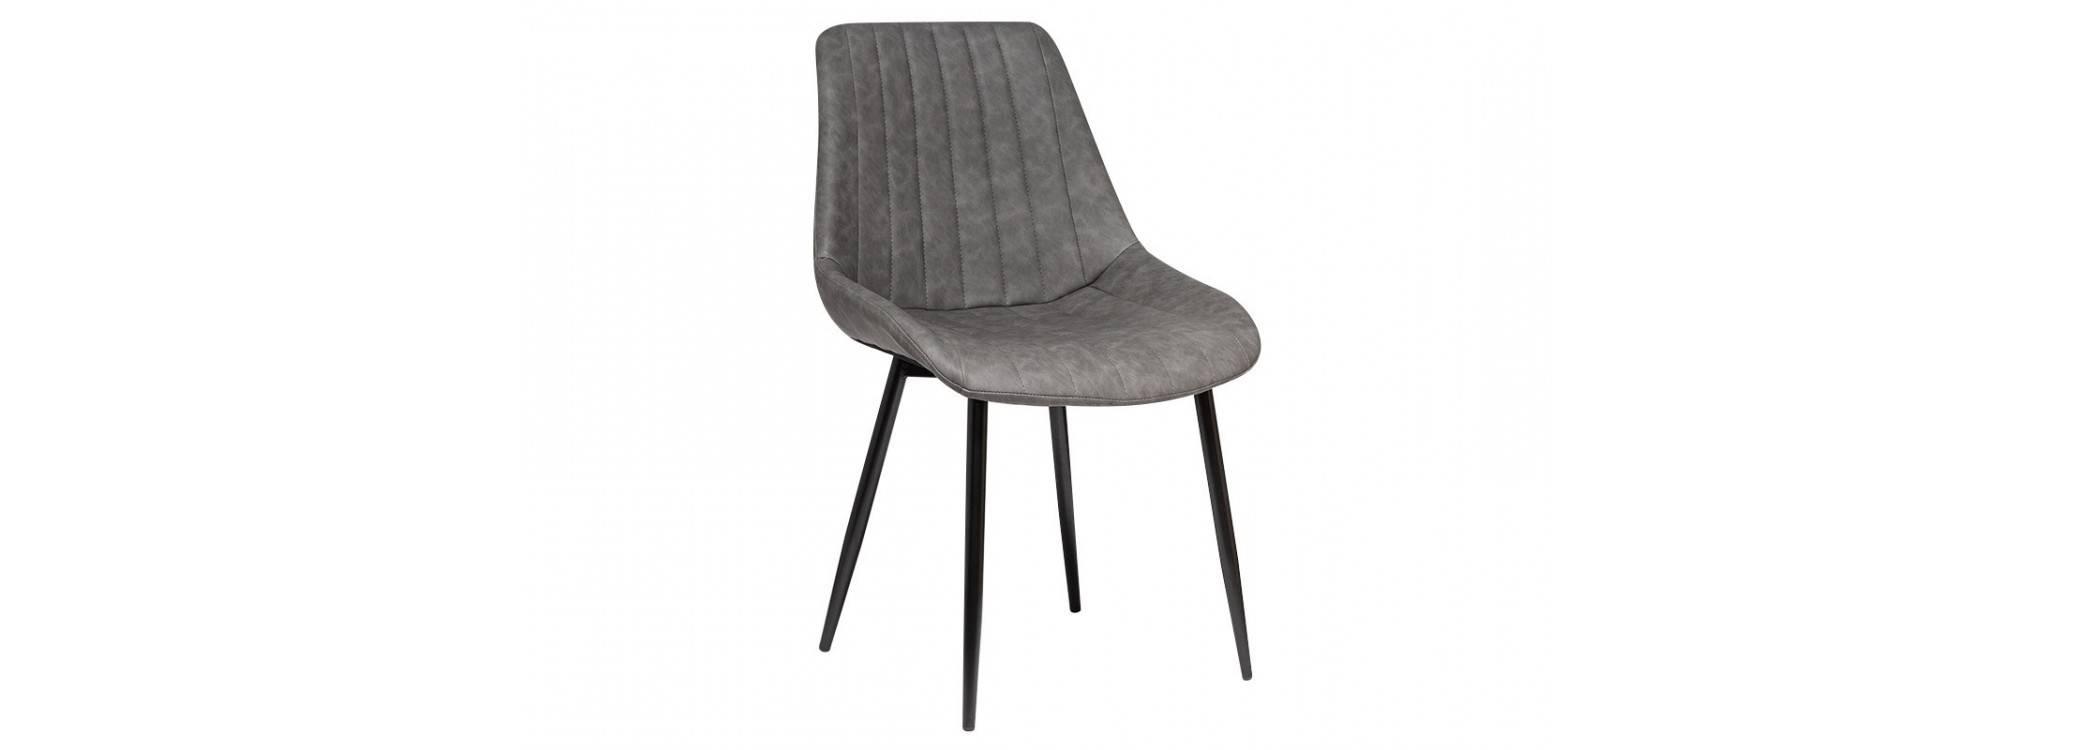 Chaise matelassée en simili cuir gris